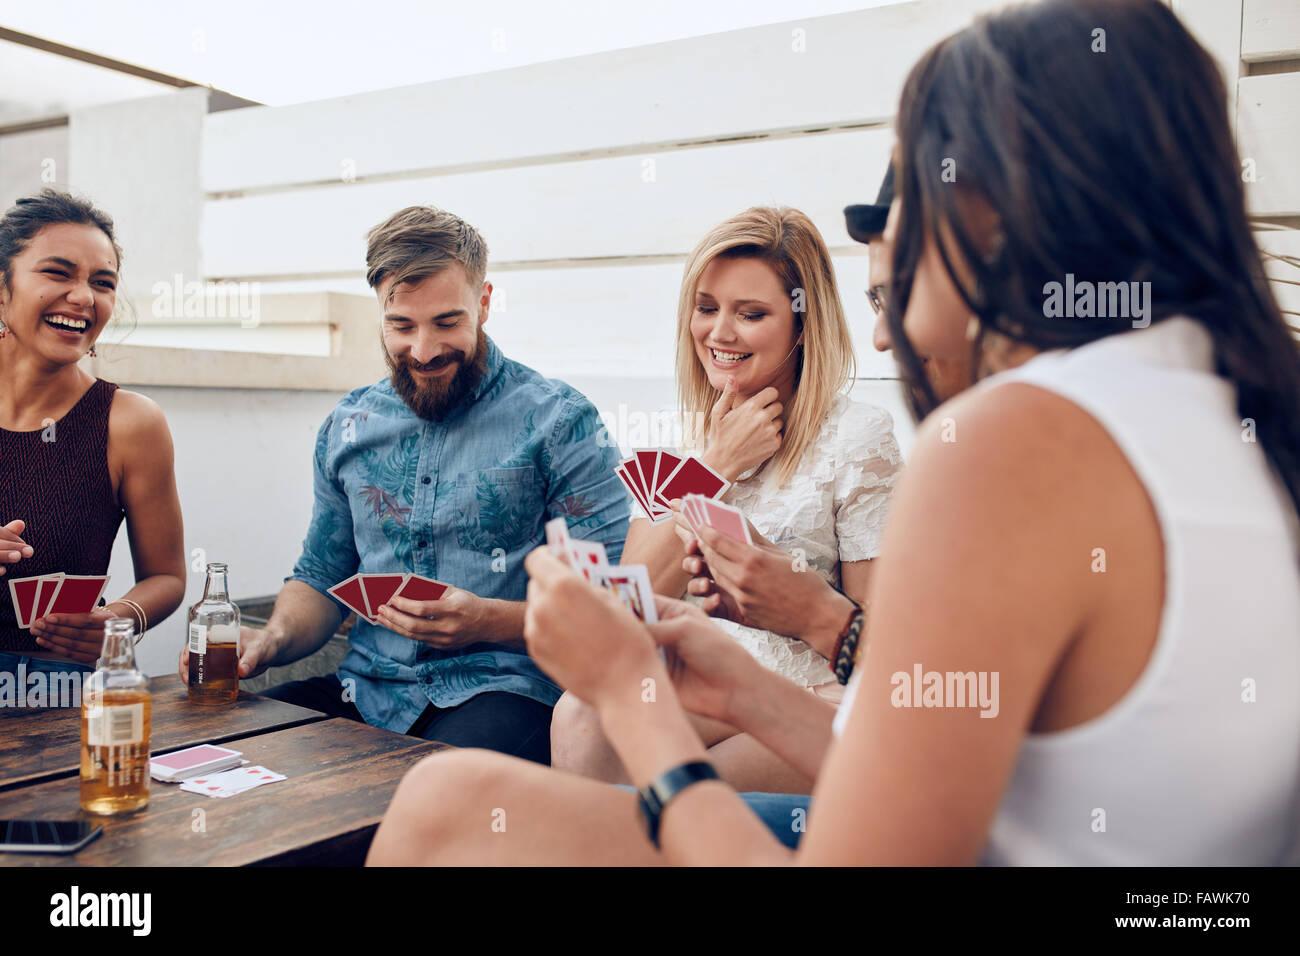 Groupe d'amis assis à une table en bois et des cartes à jouer. Les jeunes de jouer à un jeu de Photo Stock